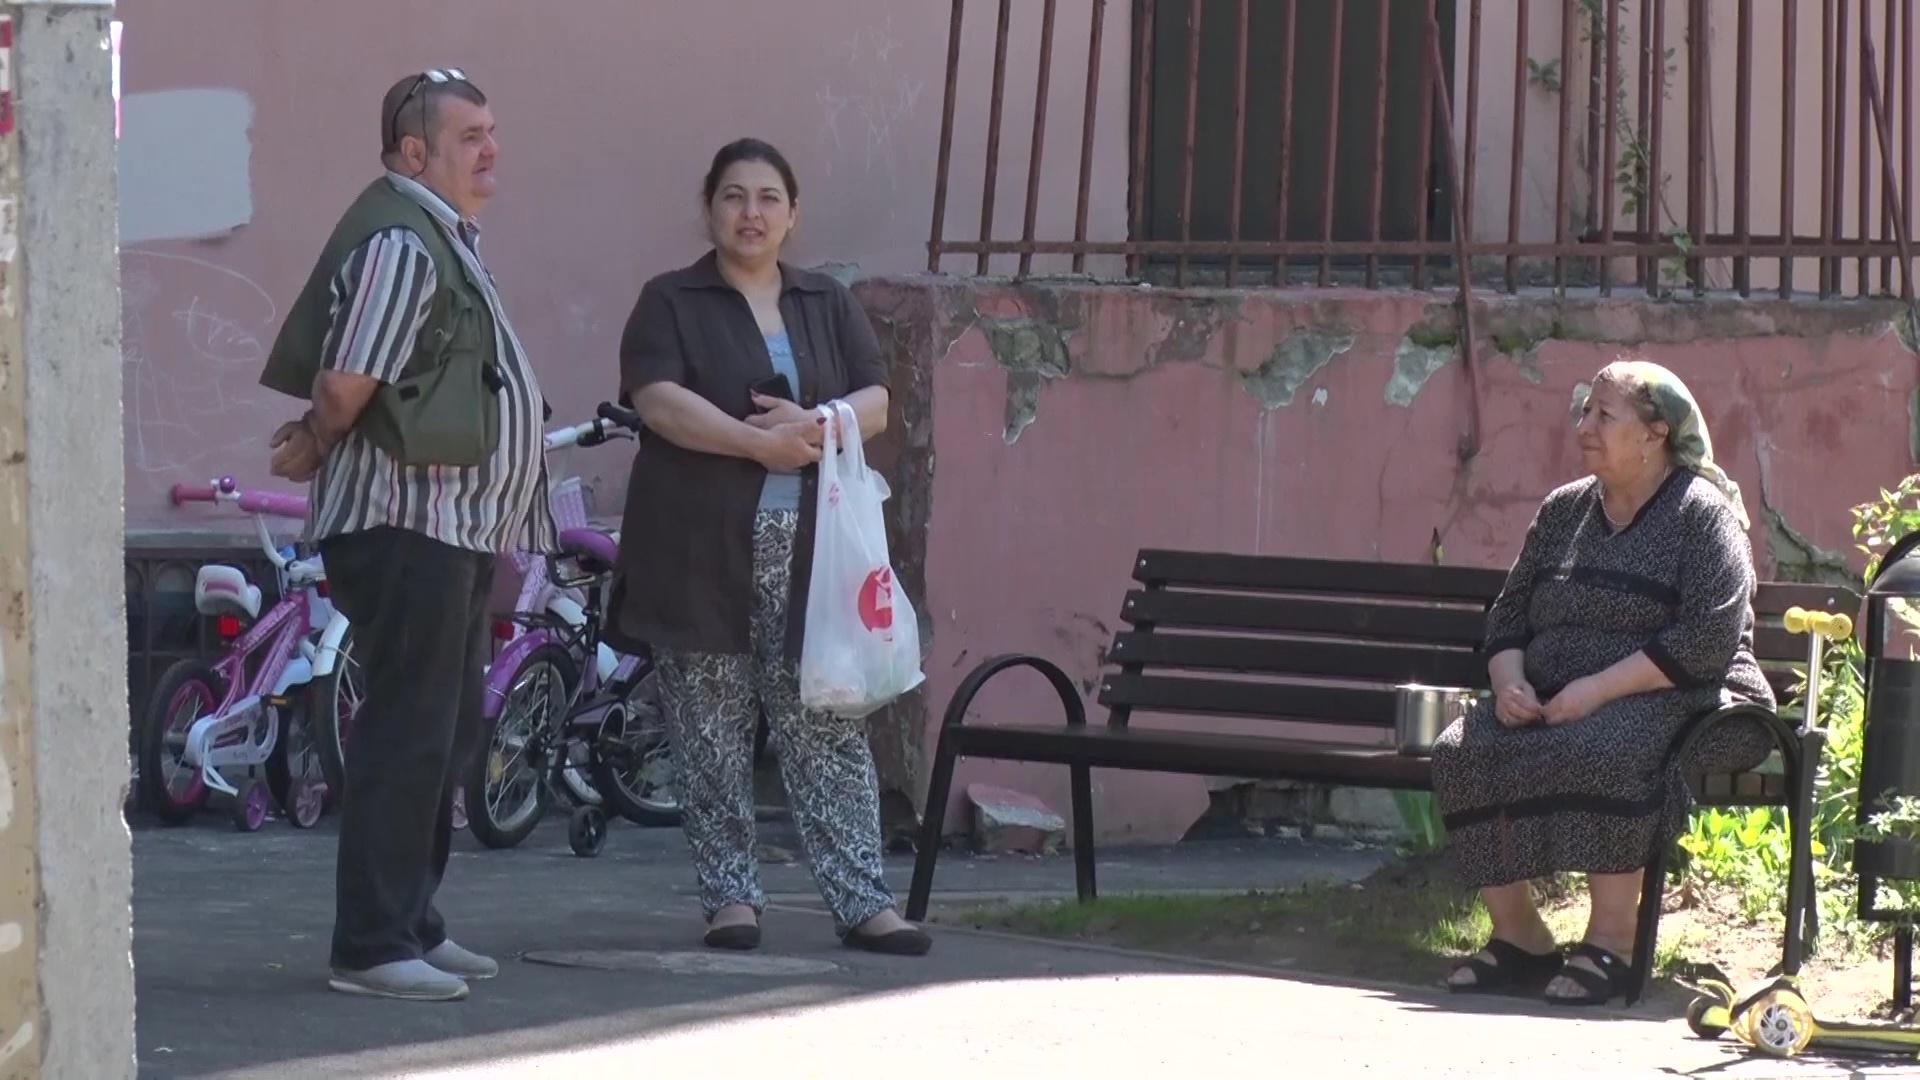 Ярославцы будут выбирать объекты благоустройства на 2021 год вместе с голосованием по поправкам